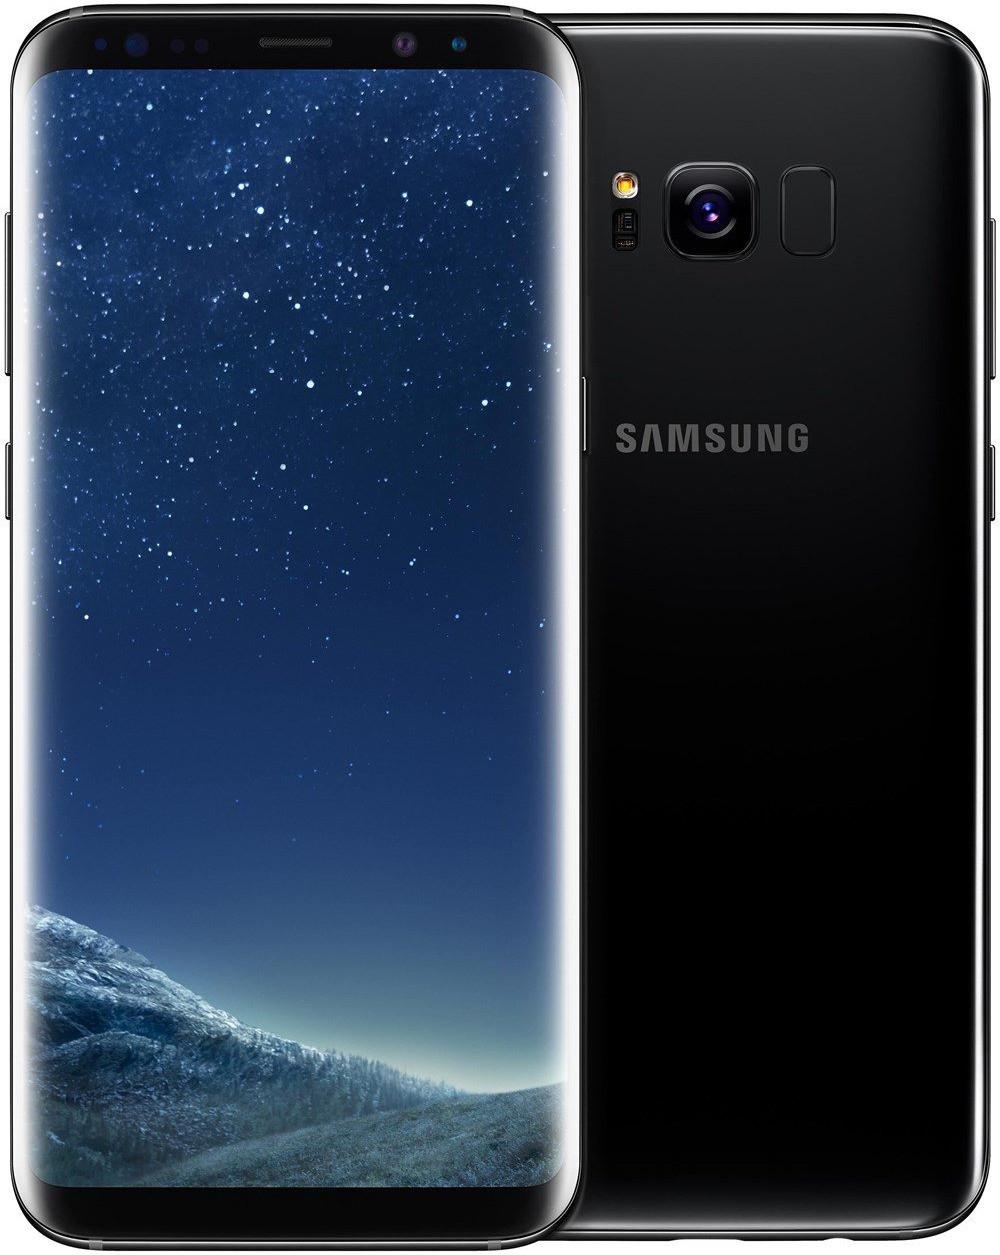 """Smartphone 6.2"""" Samsung Galaxy S8+ - WQHD+, Exynos 8895, 4 Go de RAM, 64 Go, noir"""